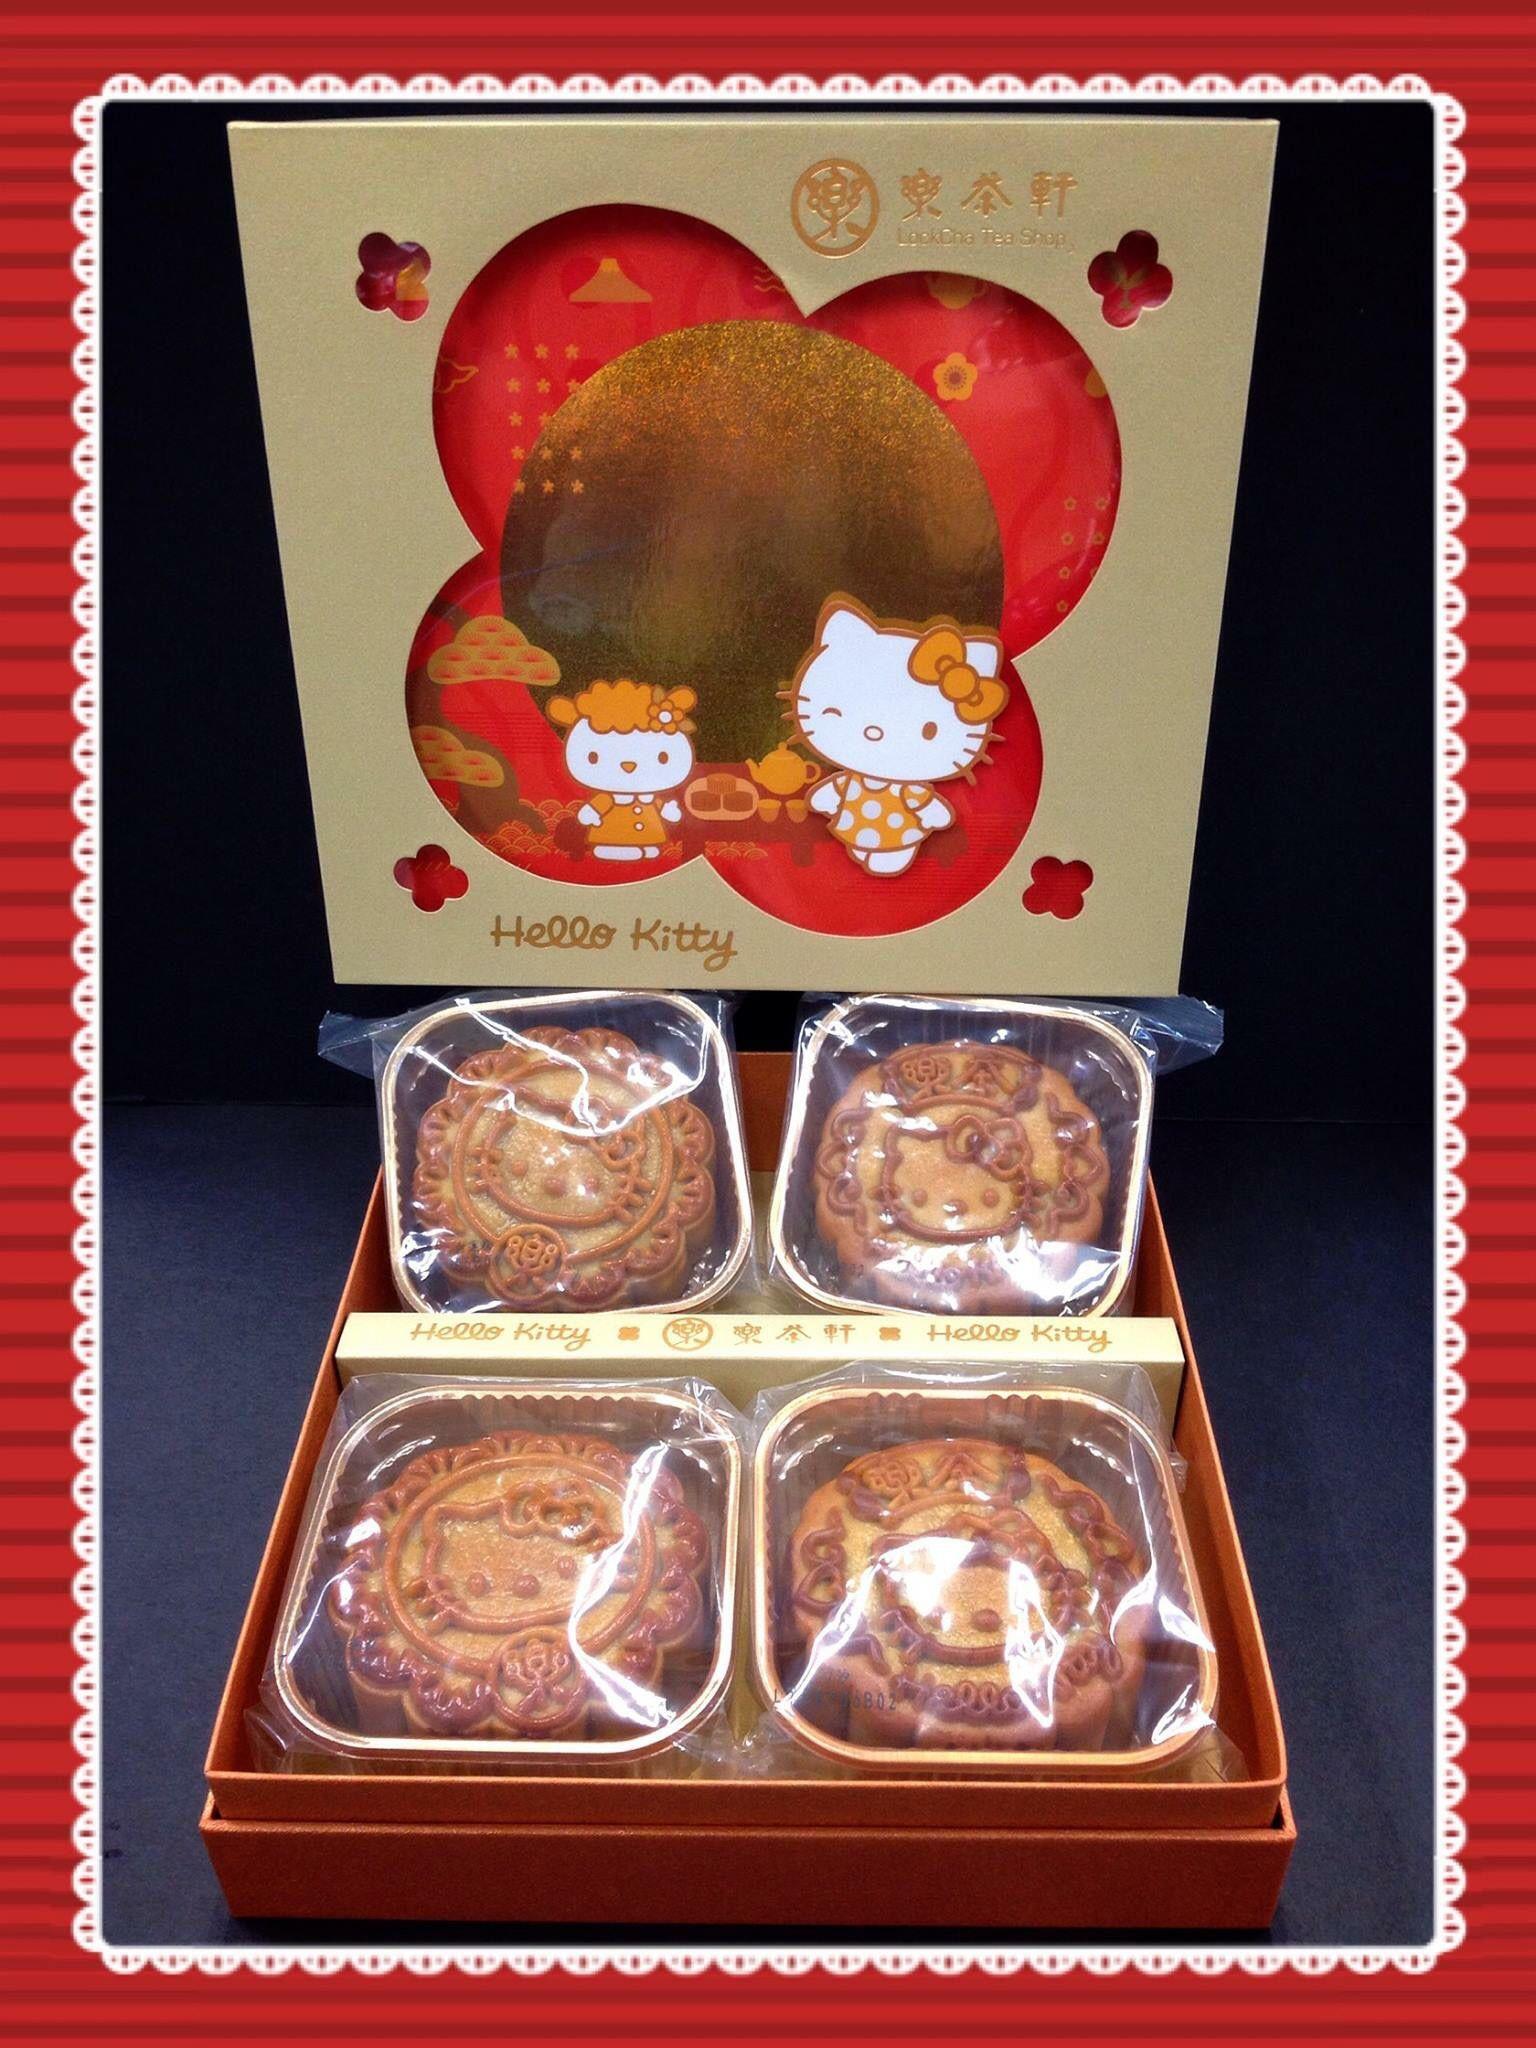 Hellokitty moon cake by lock cha tea house hong kong